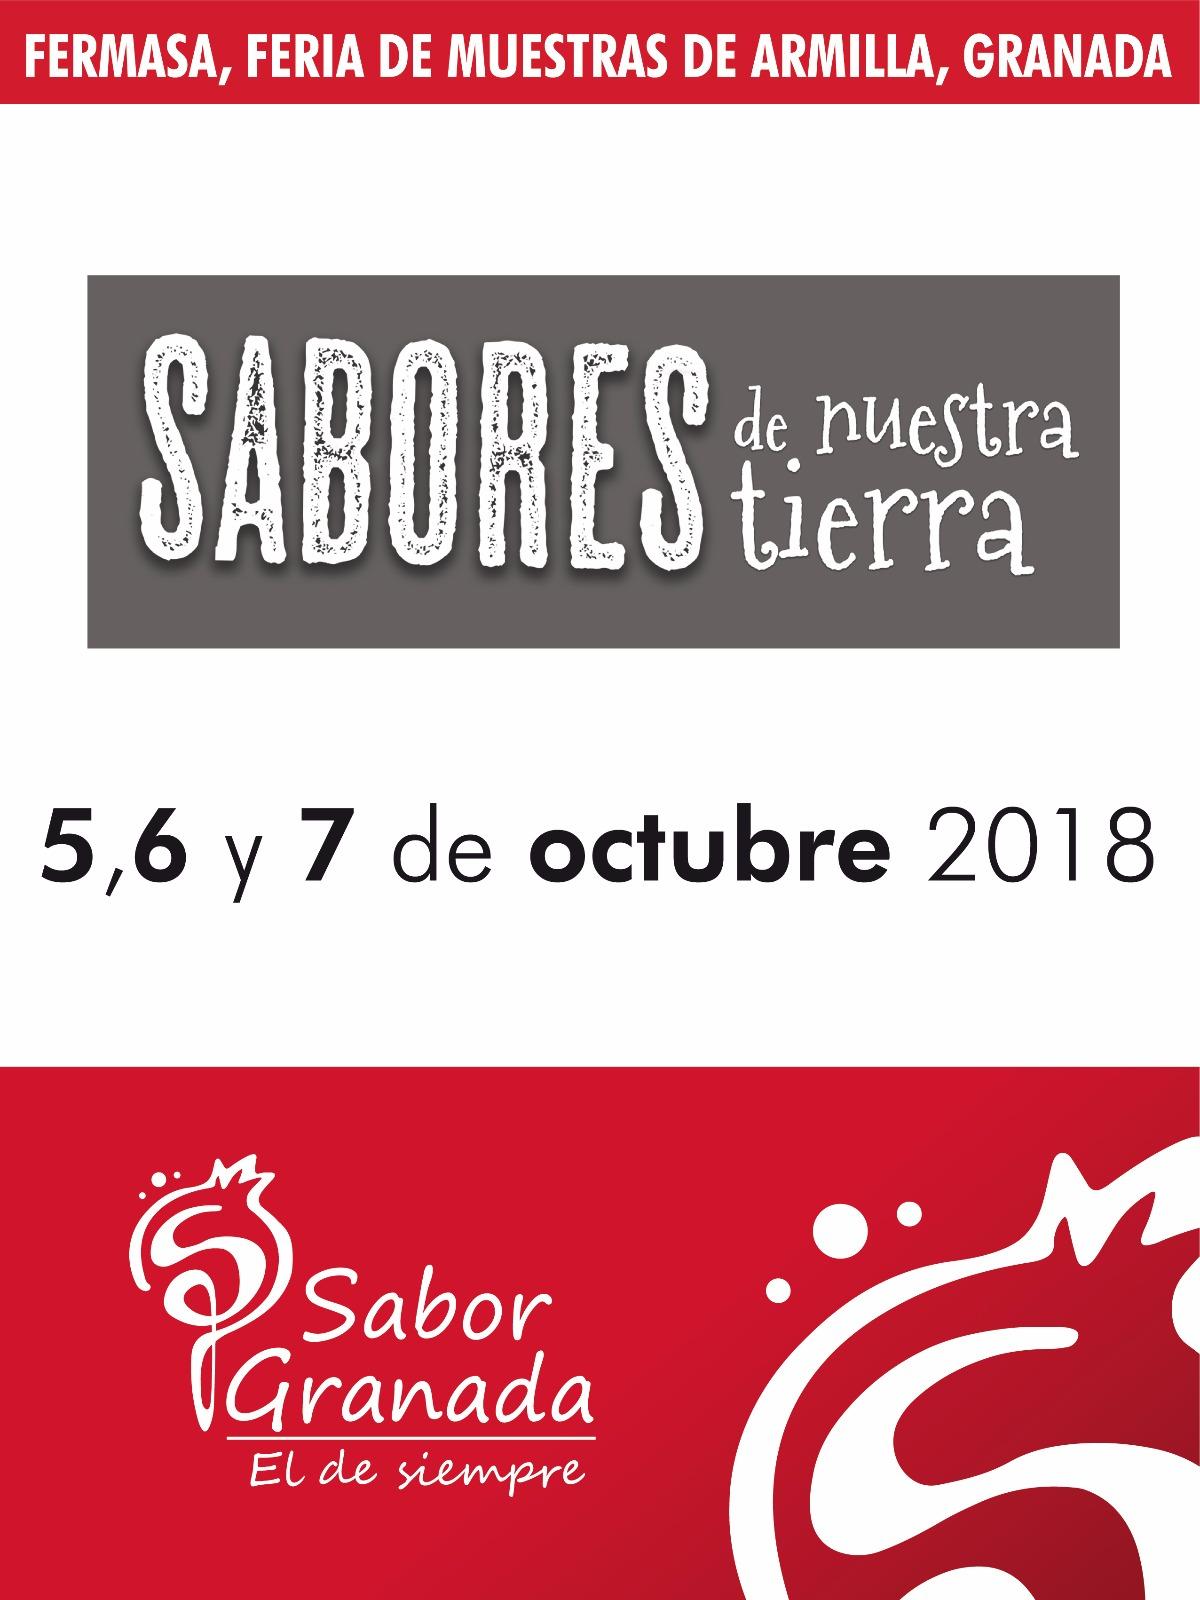 Feria General de Muestras y Sabores de Nuestra Tierra